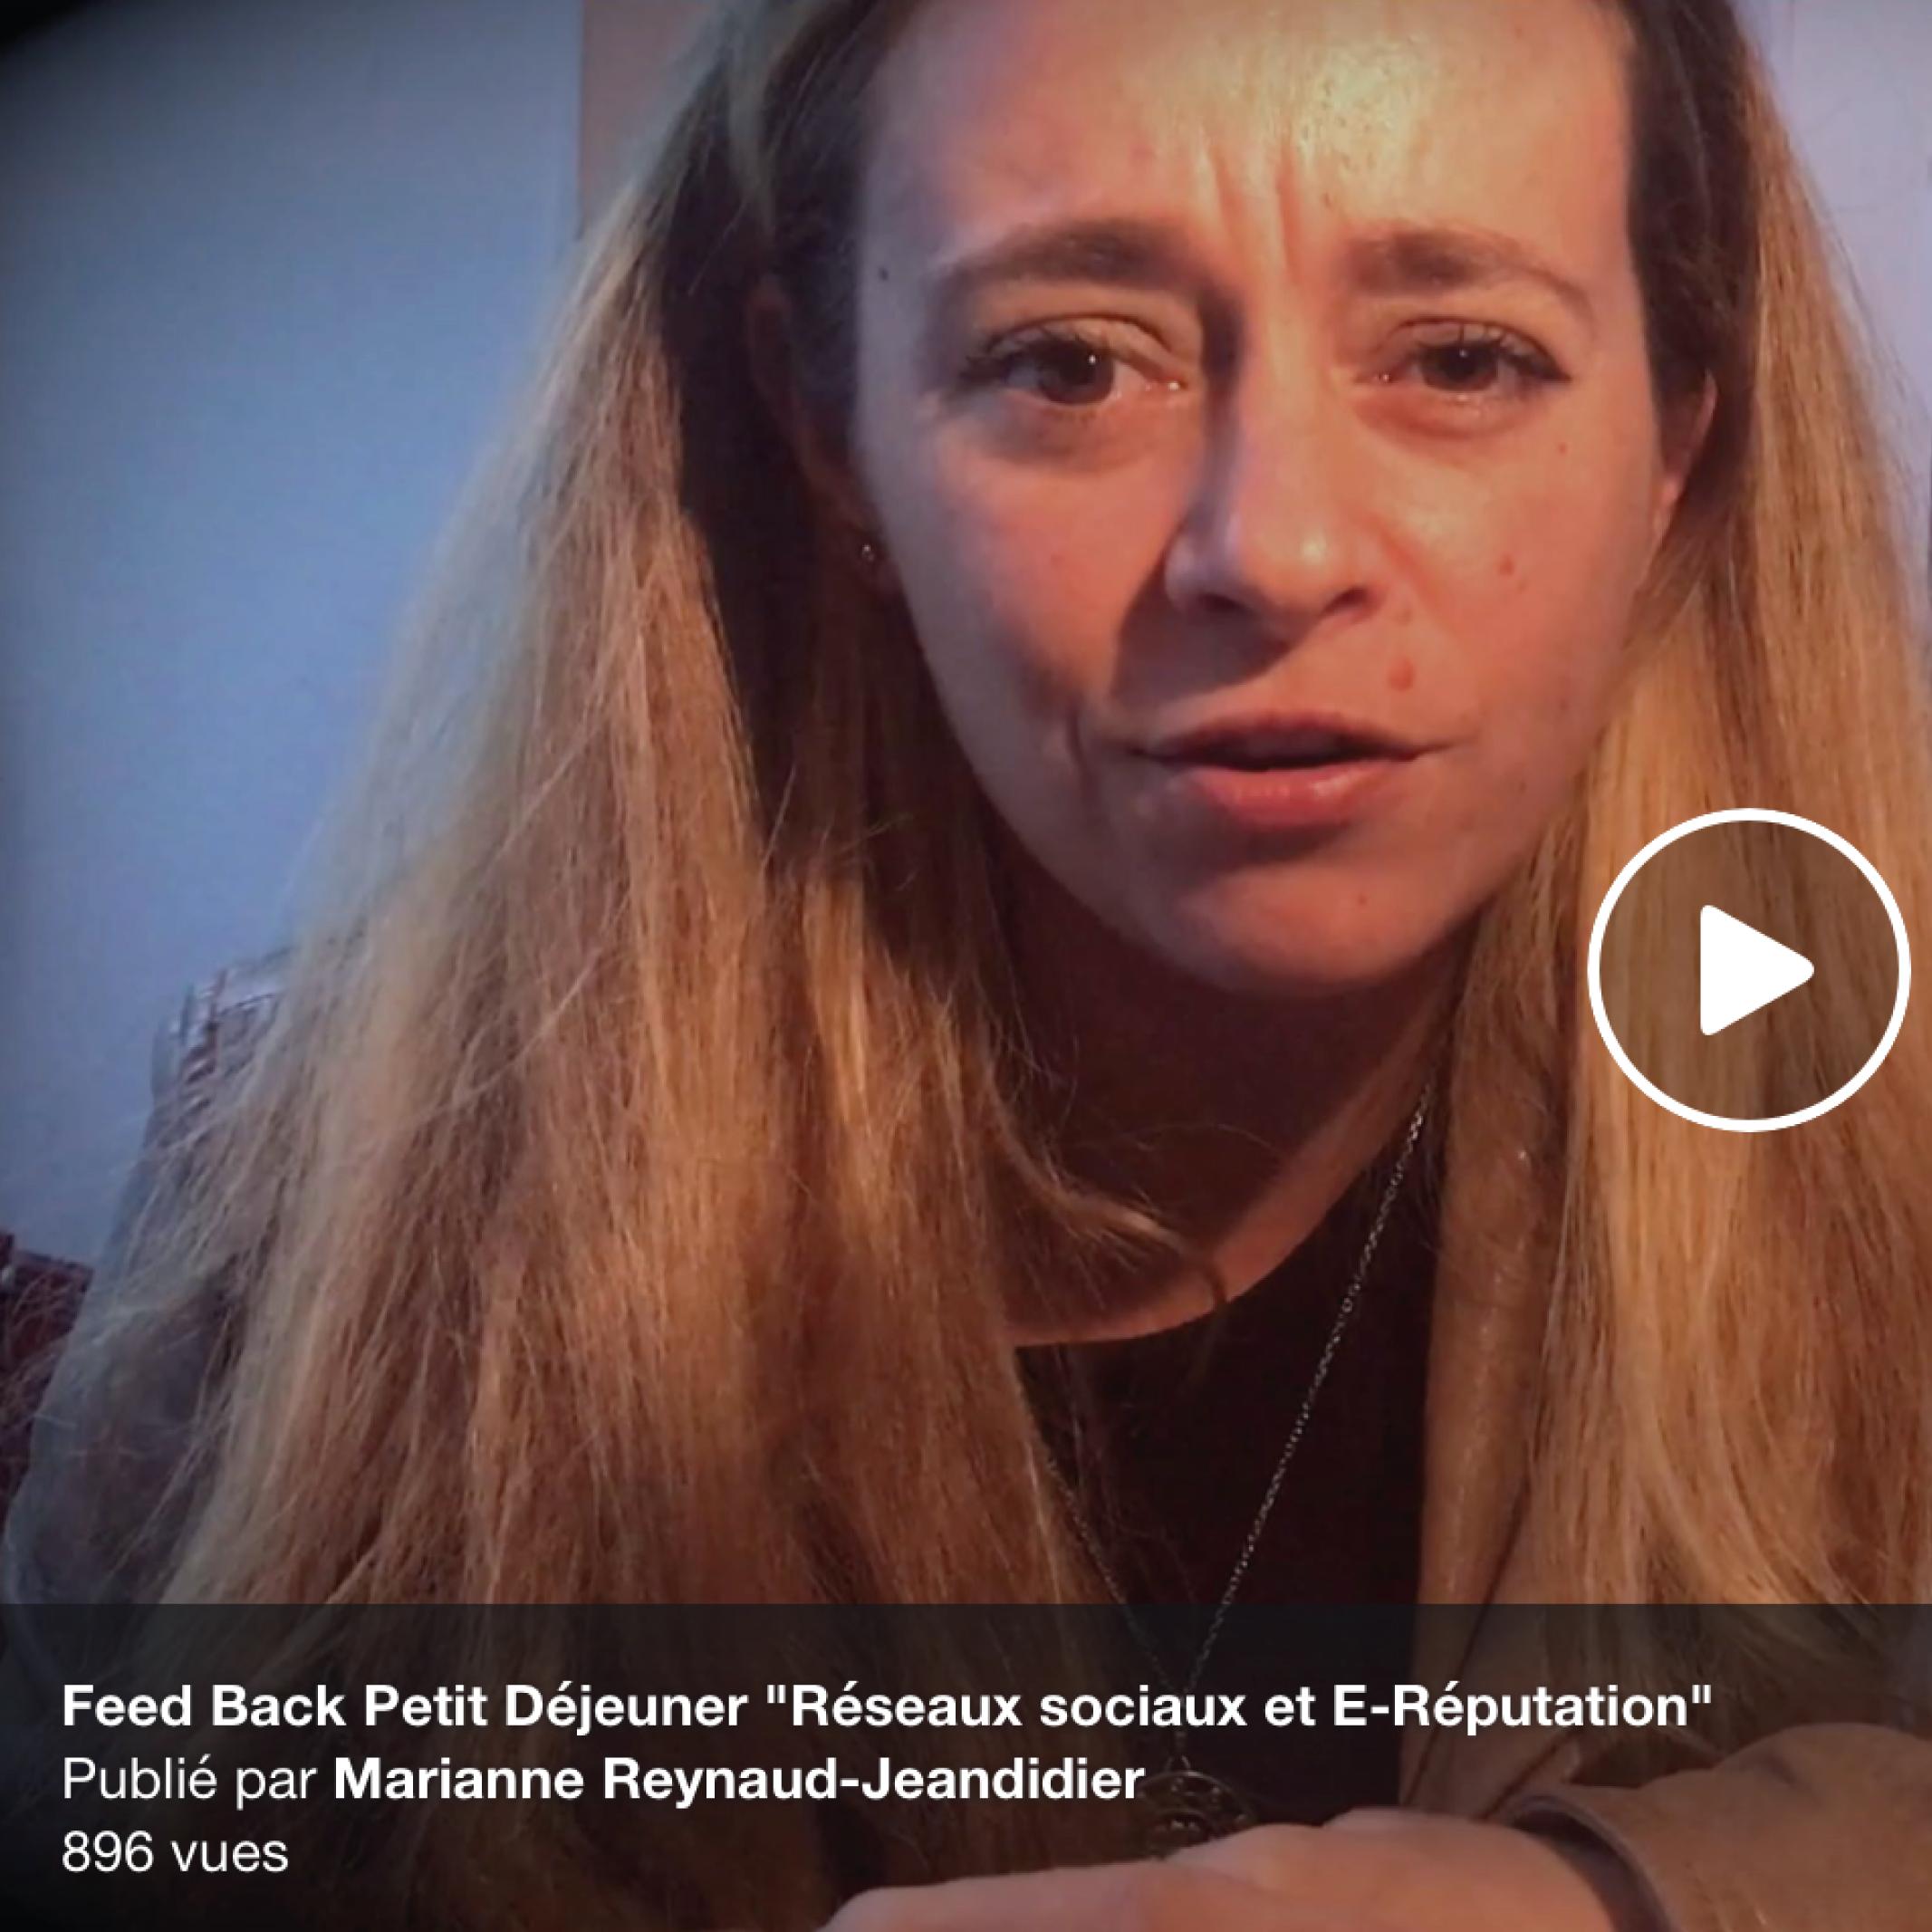 https://mrj-conseil.fr/wp-content/uploads/2016/10/MR-reseaux-sociaux-01.png